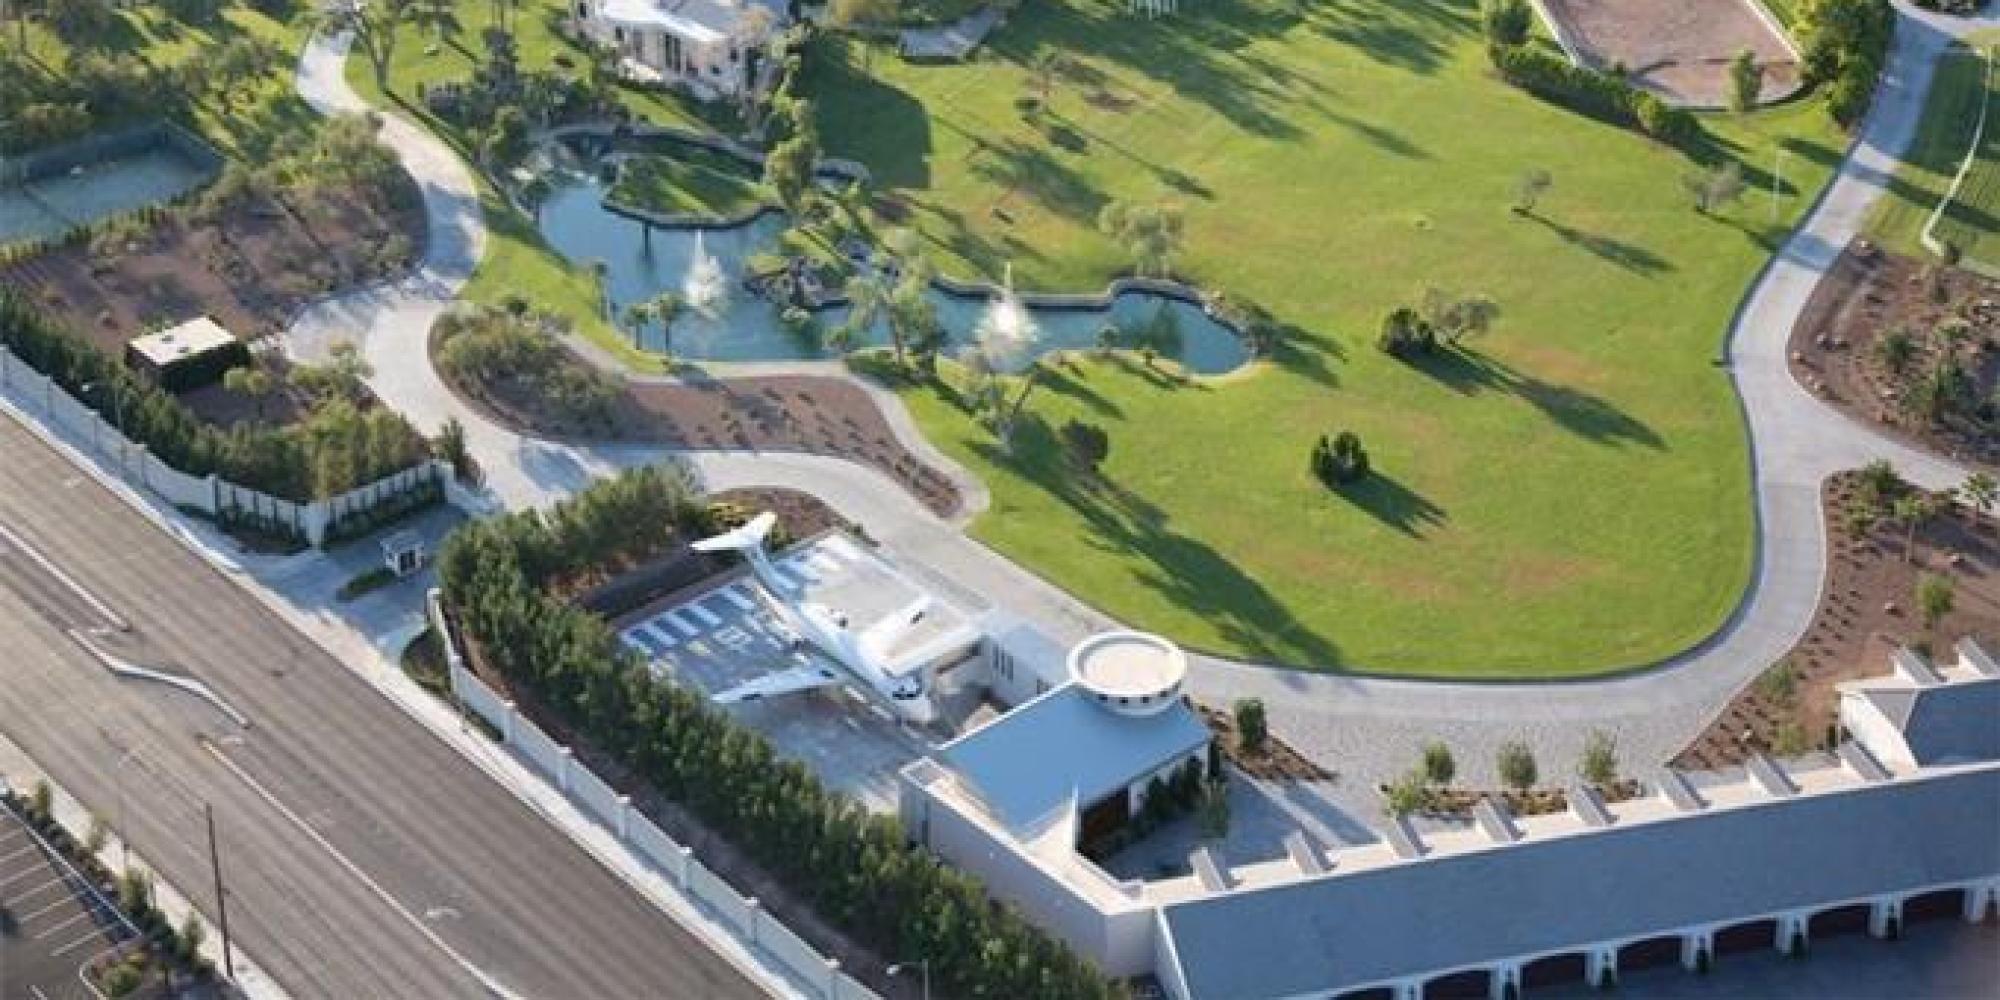 Shenandoah la casa con aeroporto e jet privati in vendita for Case in vendita porto ottiolu privati